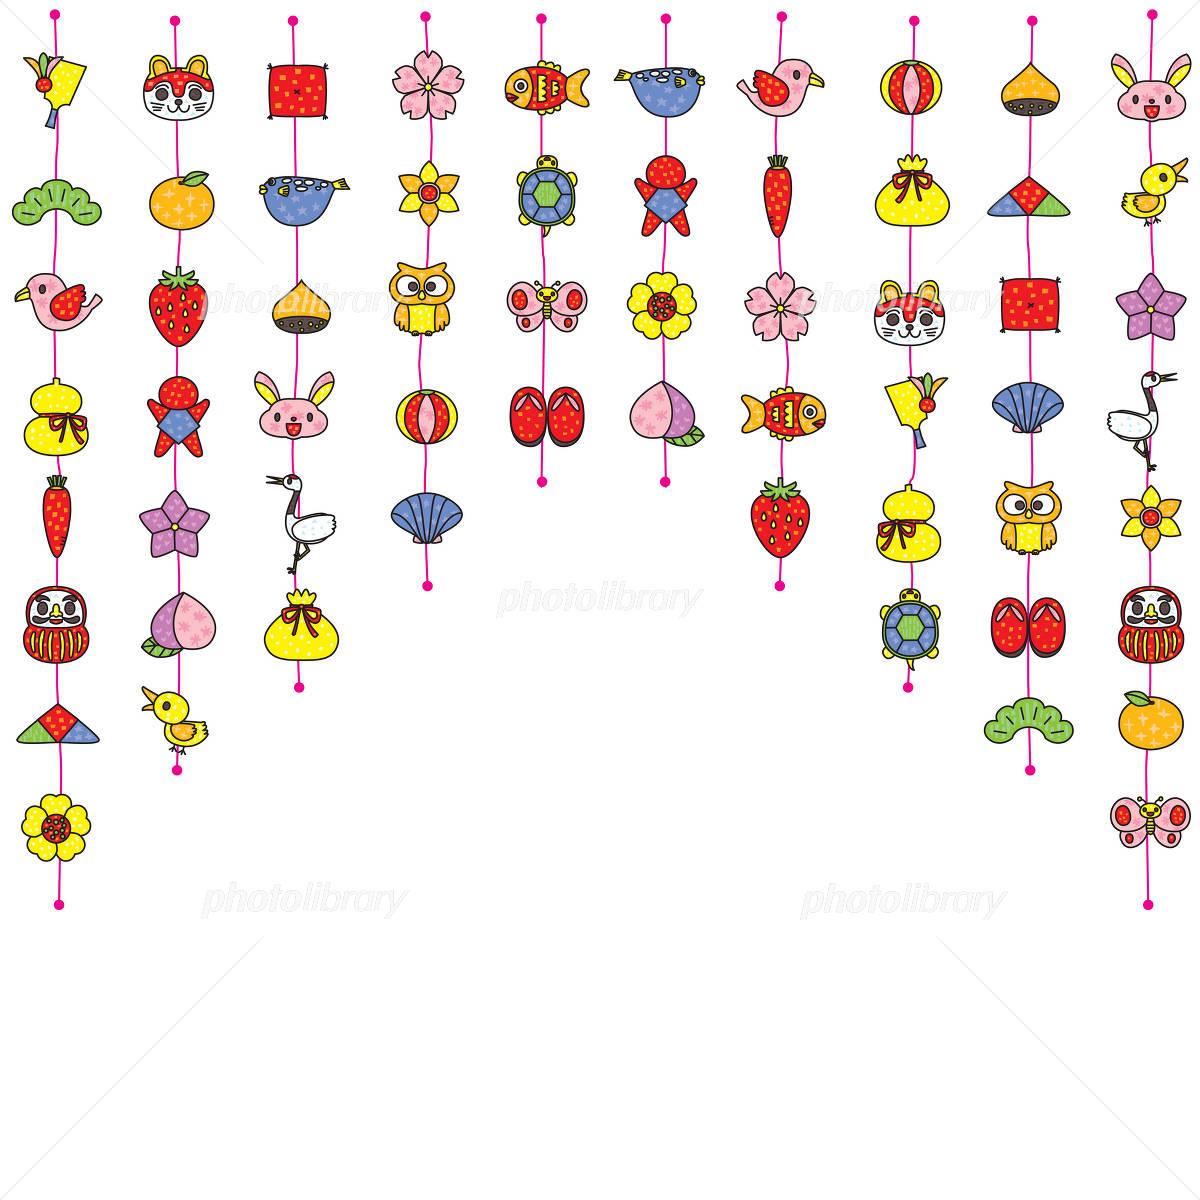 吊るし雛飾り イラスト素材 1178687 フォトライブラリー